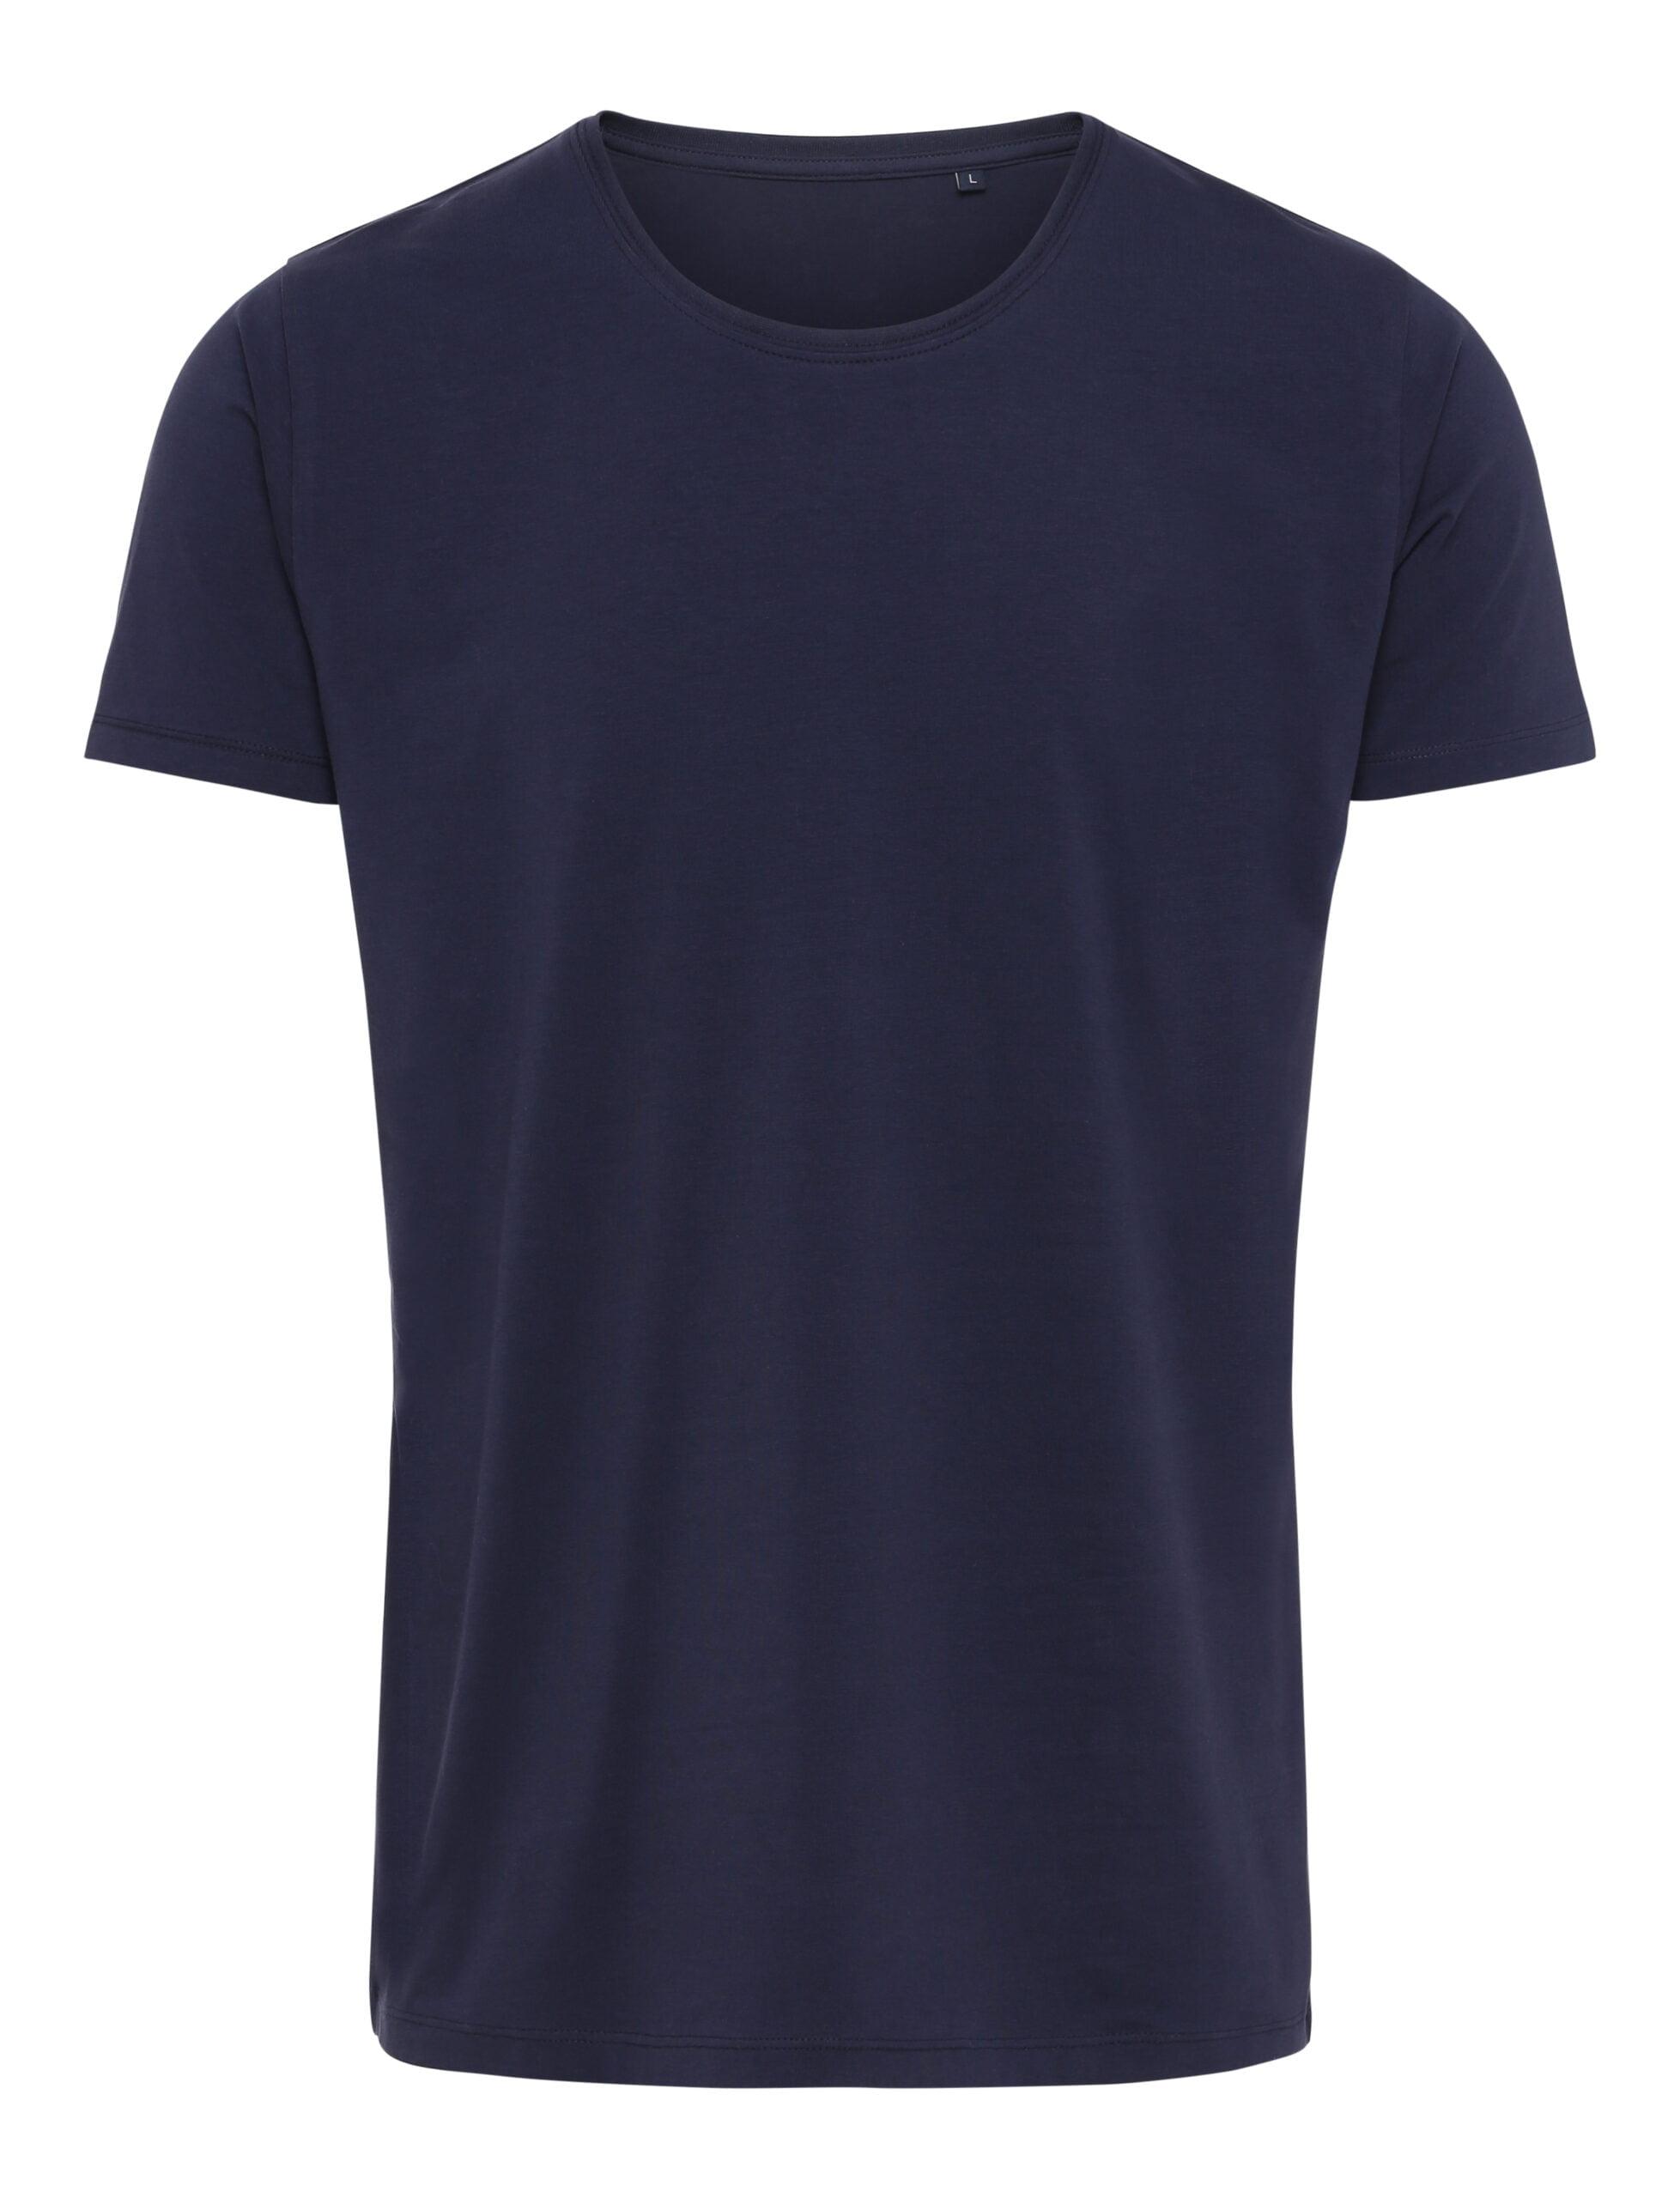 Navy Blå